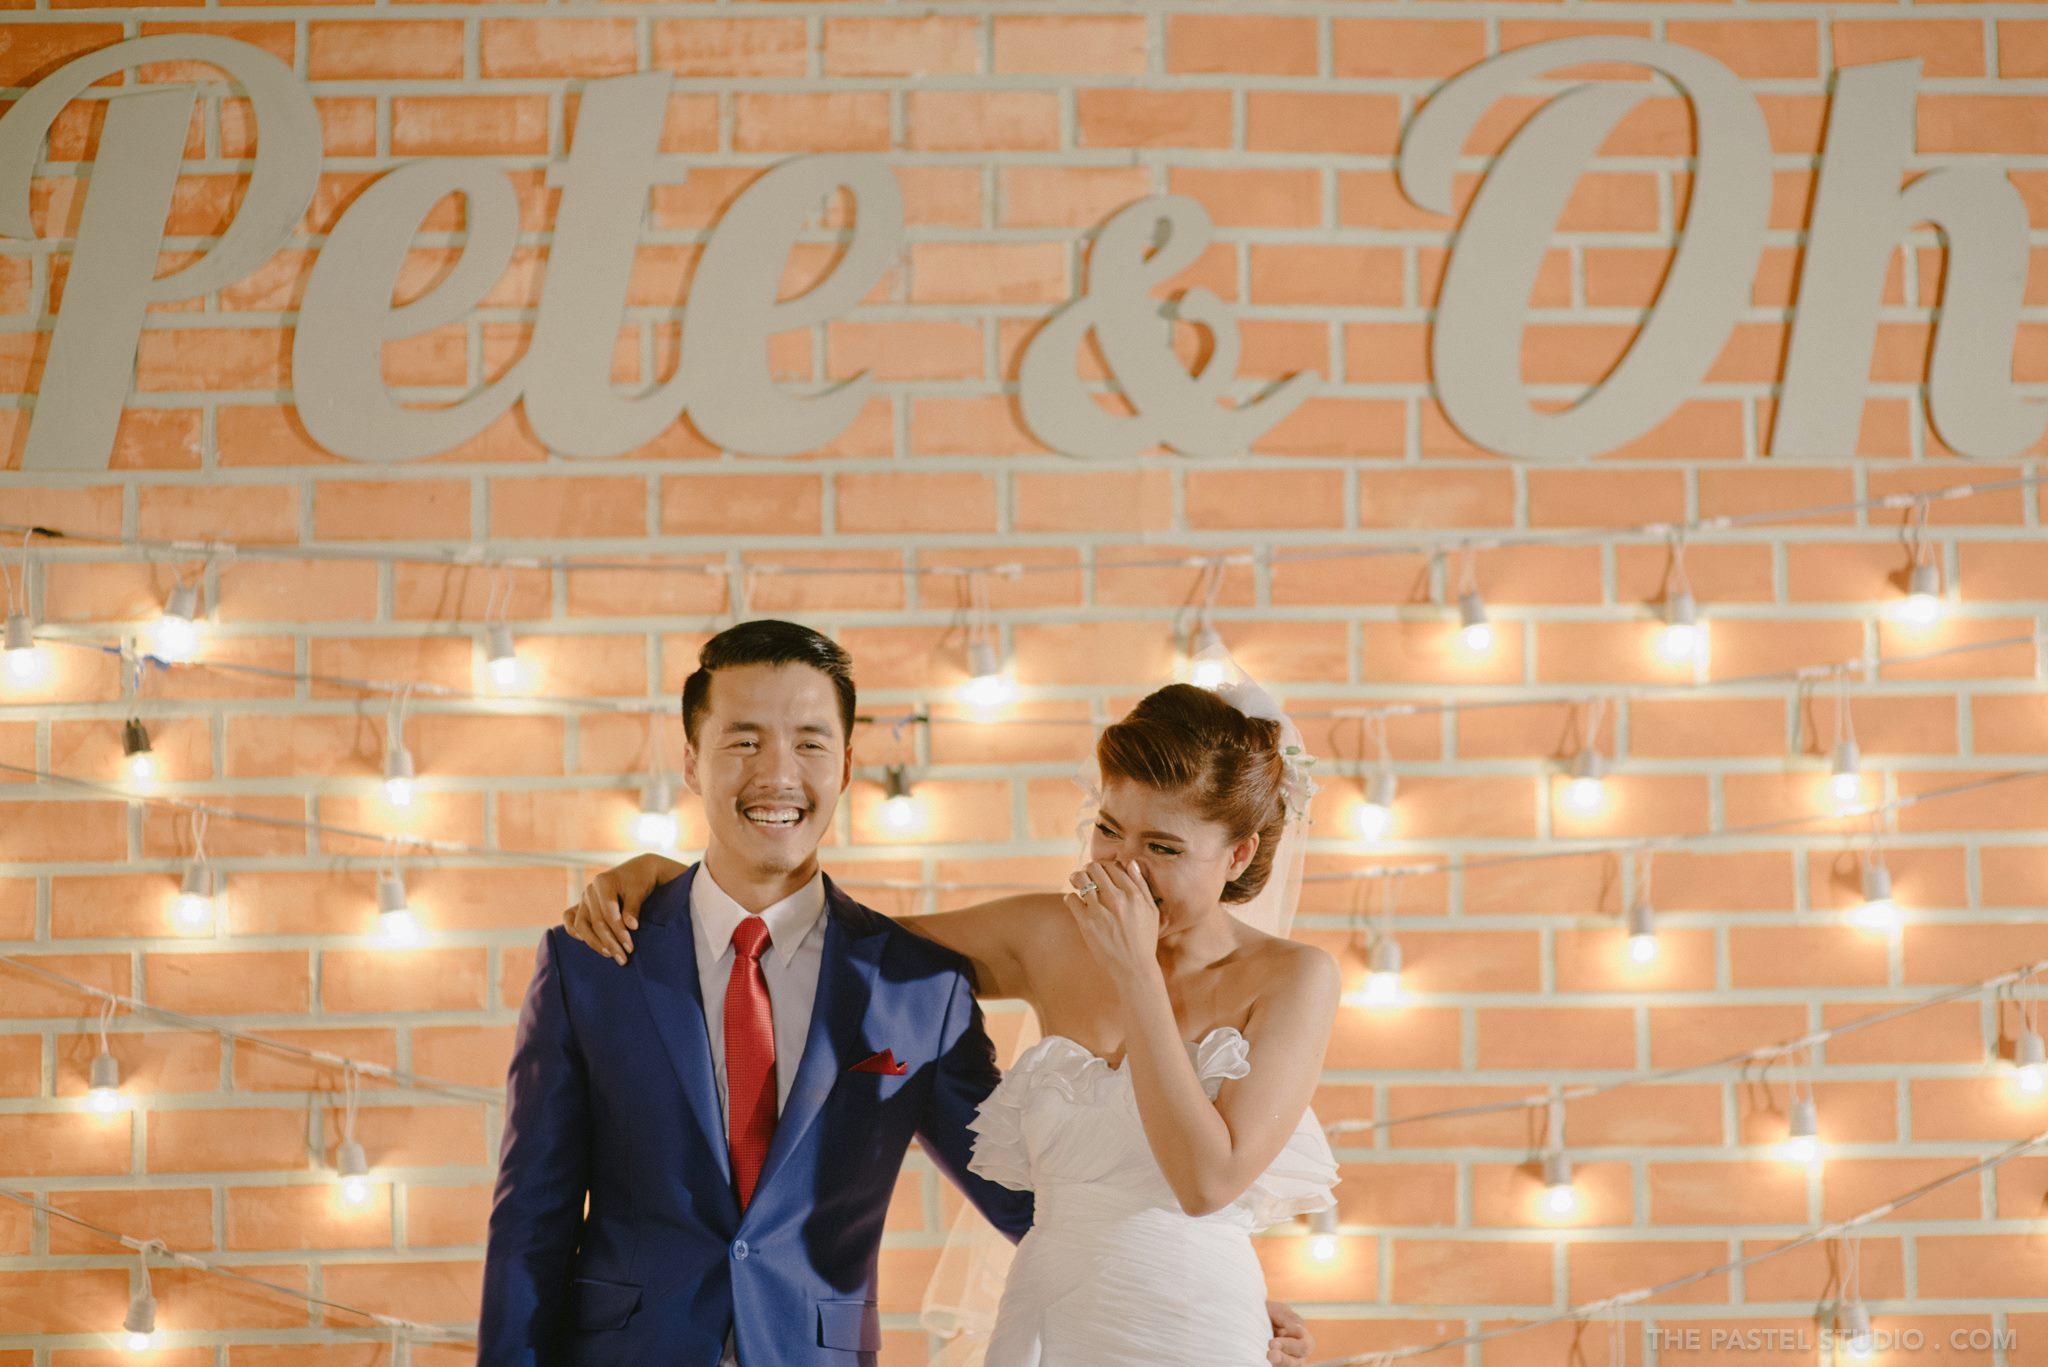 เก็บบรรยากาศงานแต่งงานสุดแนว จัดแบบเรียบง่าย แต่โดนใจ